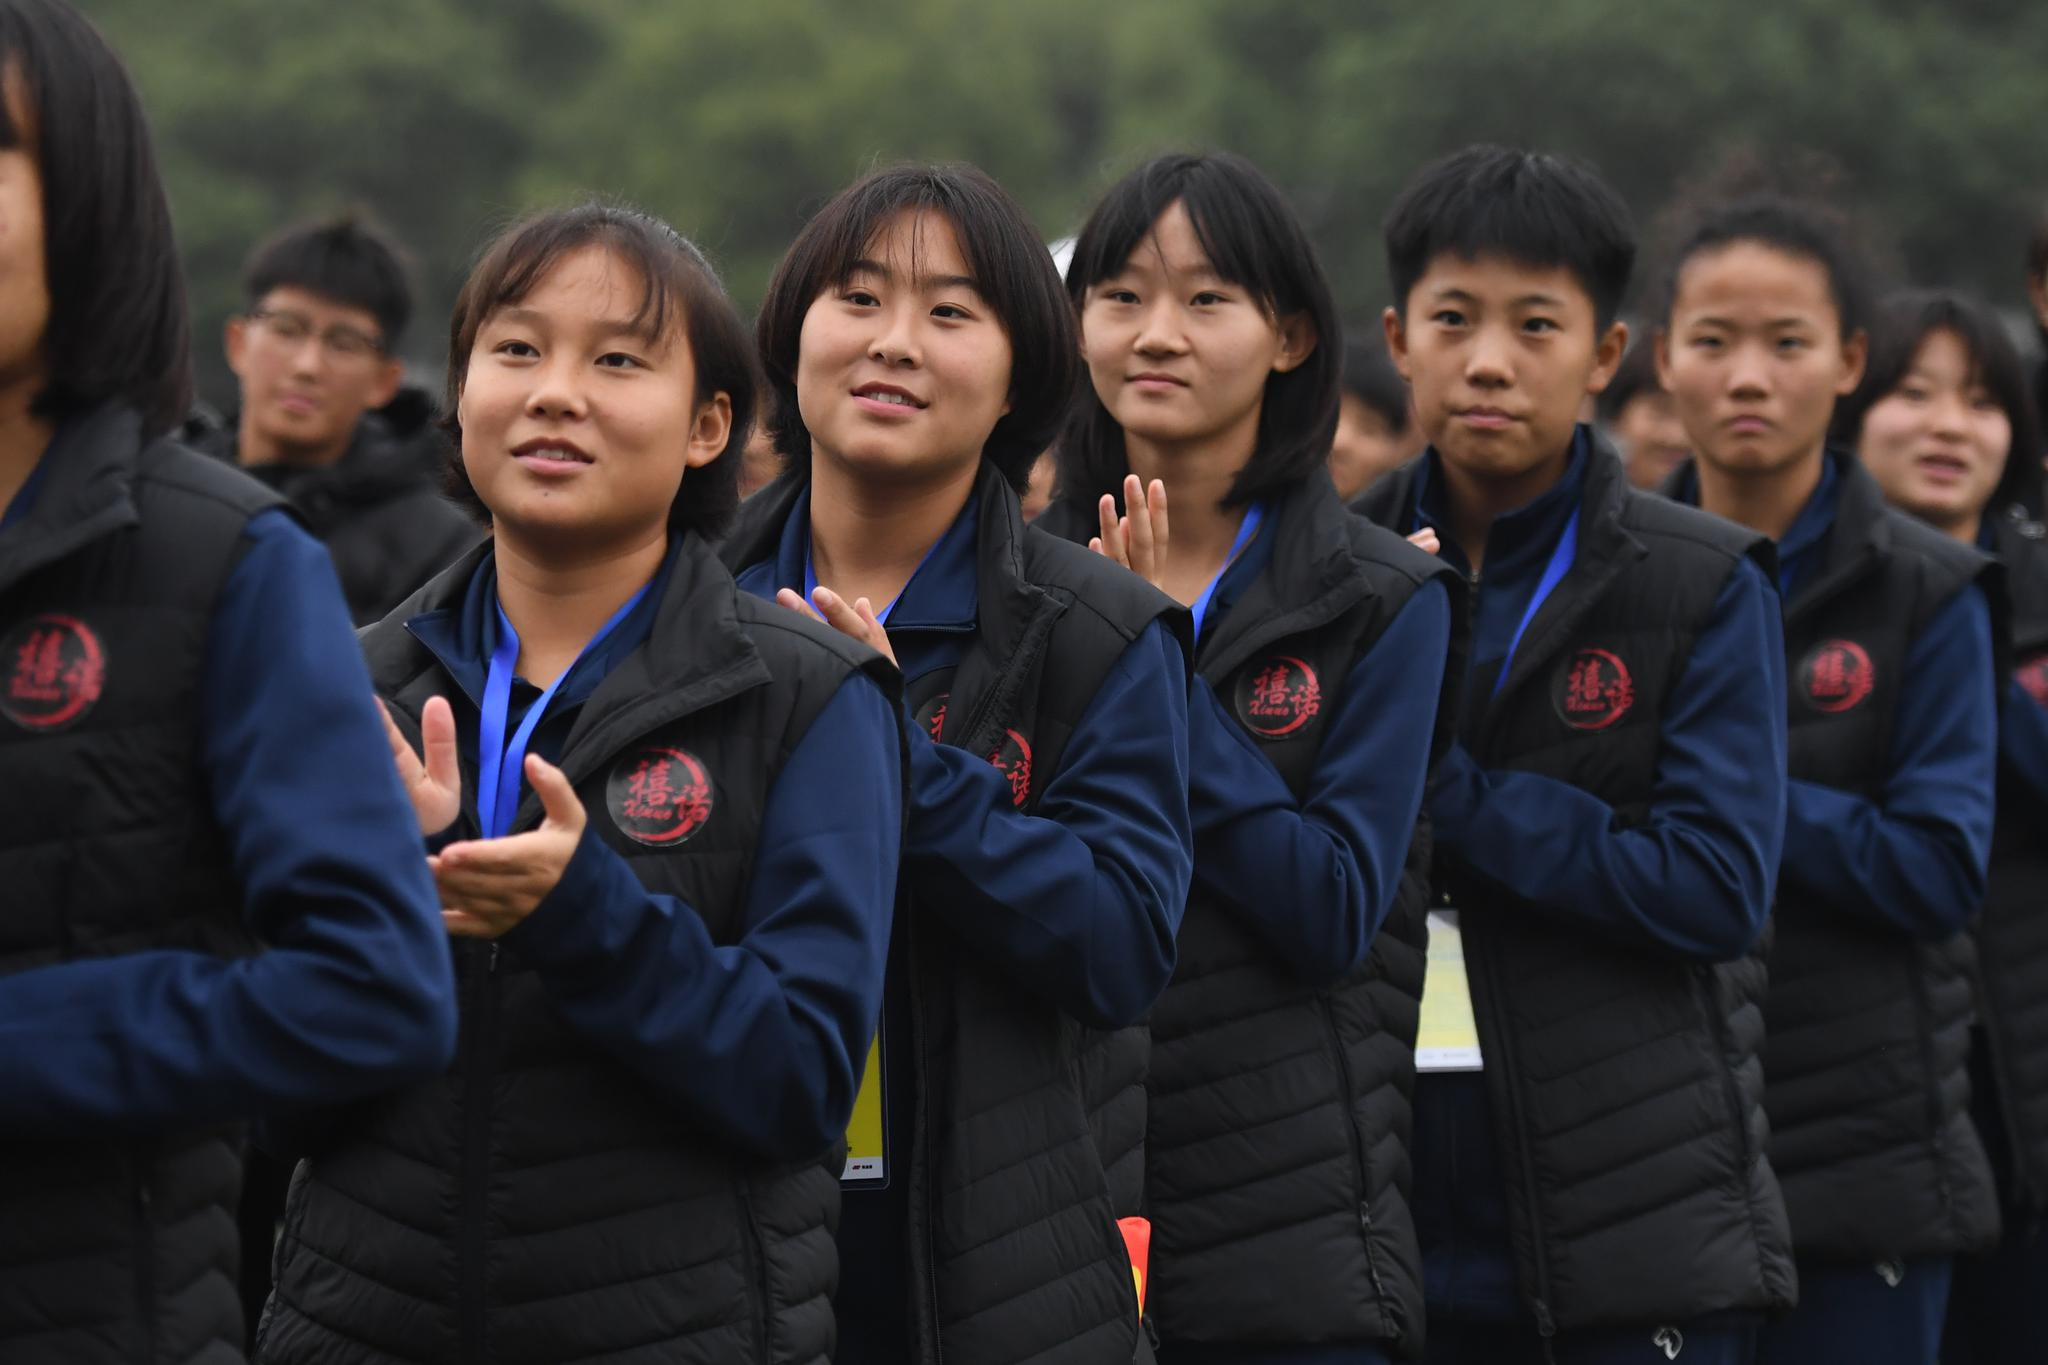 足球——2019中国高中足球锦标赛在长沙开幕